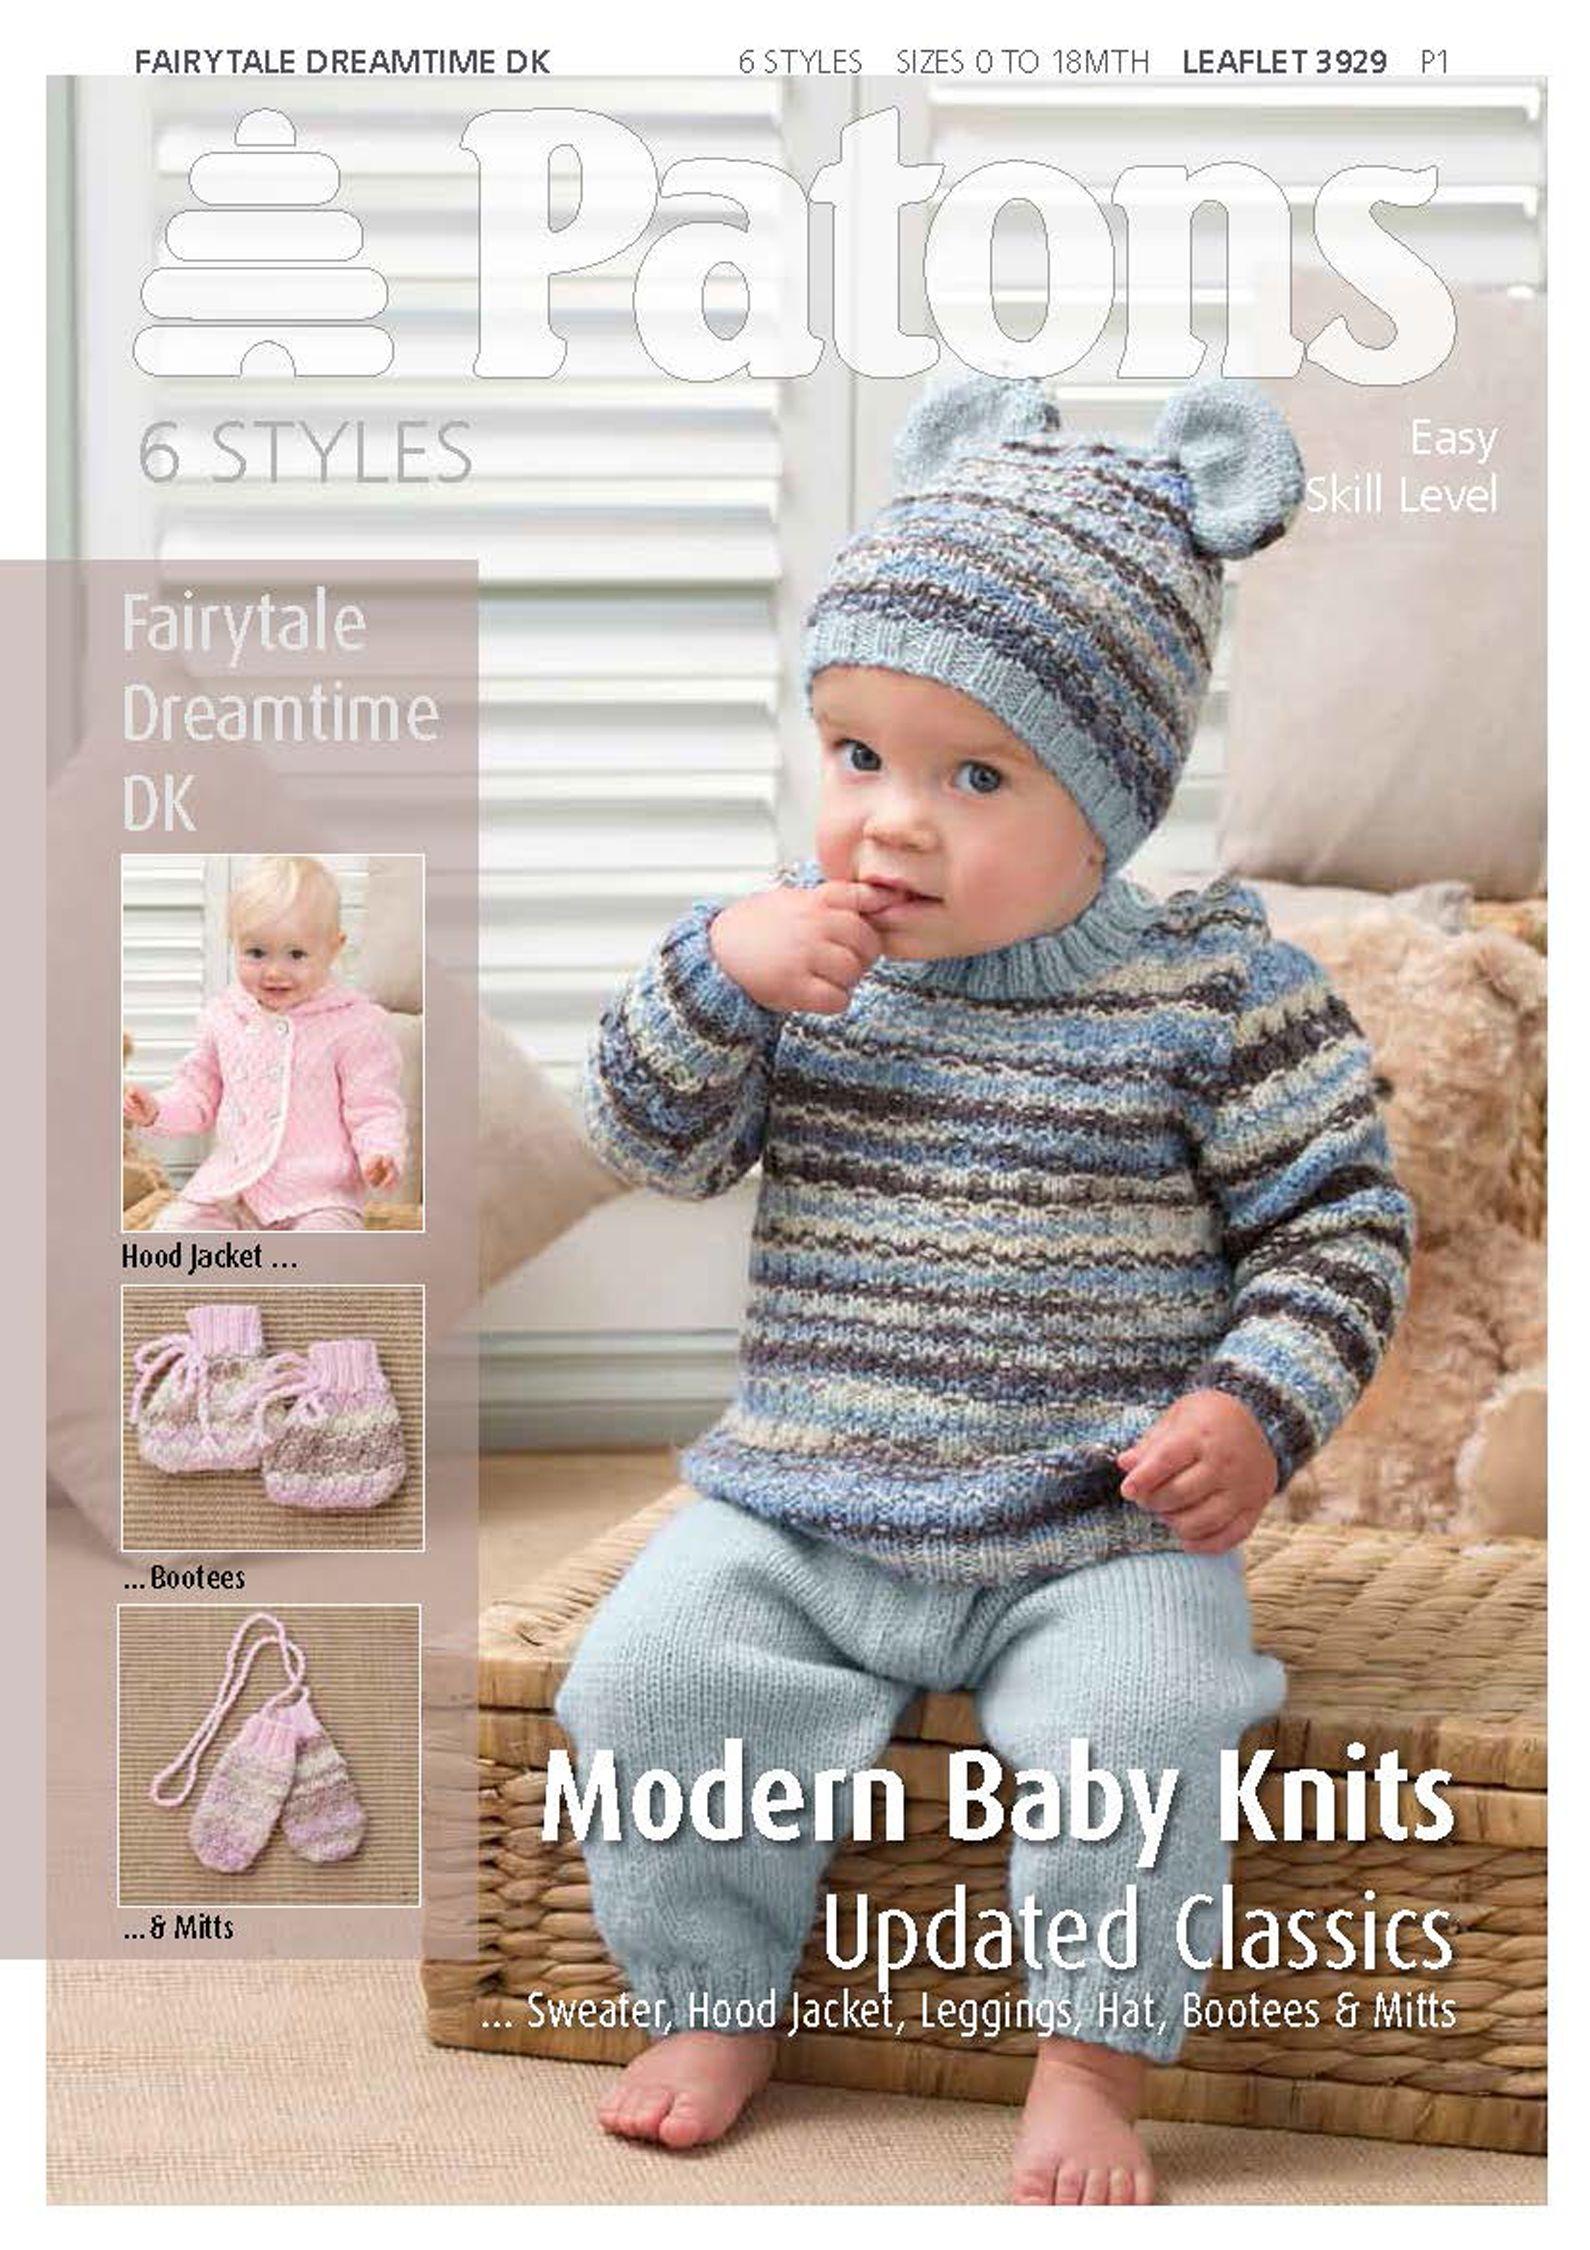 Patons Yarn Modern Baby Knitting Pattern at John Lewis